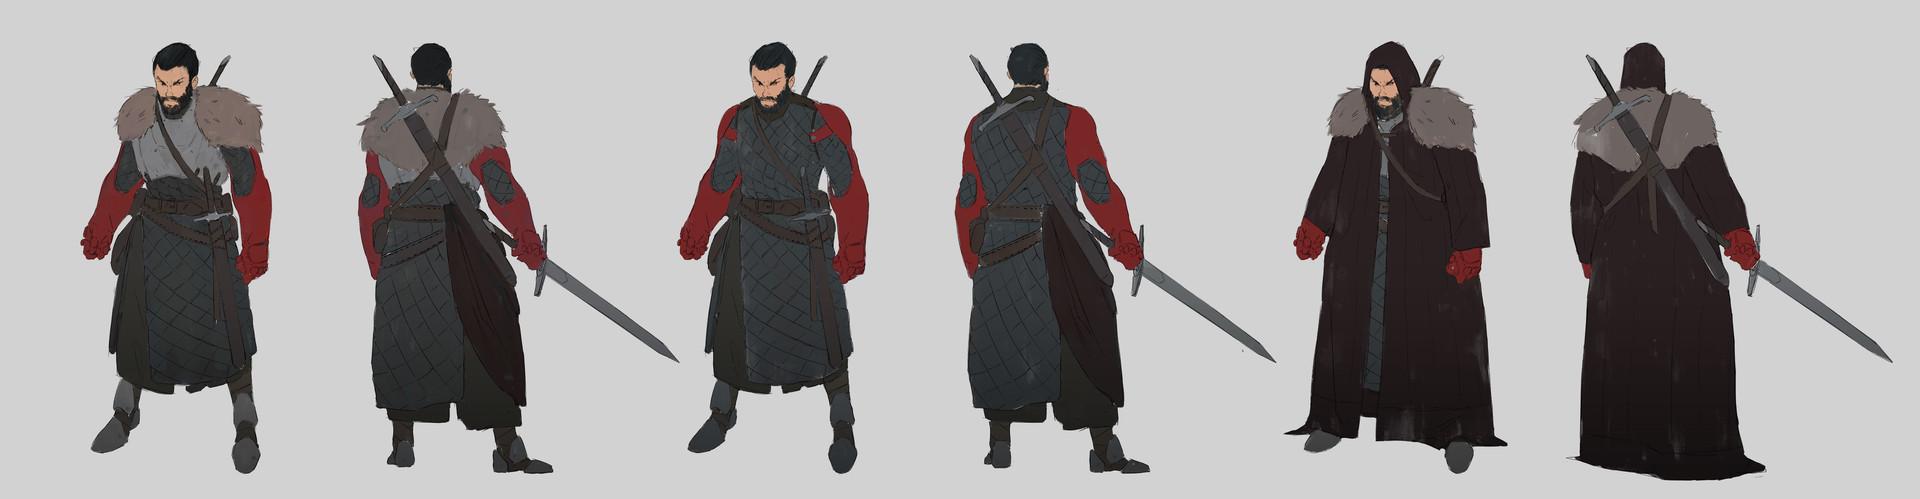 Tyler ryan dragonwarriorlex